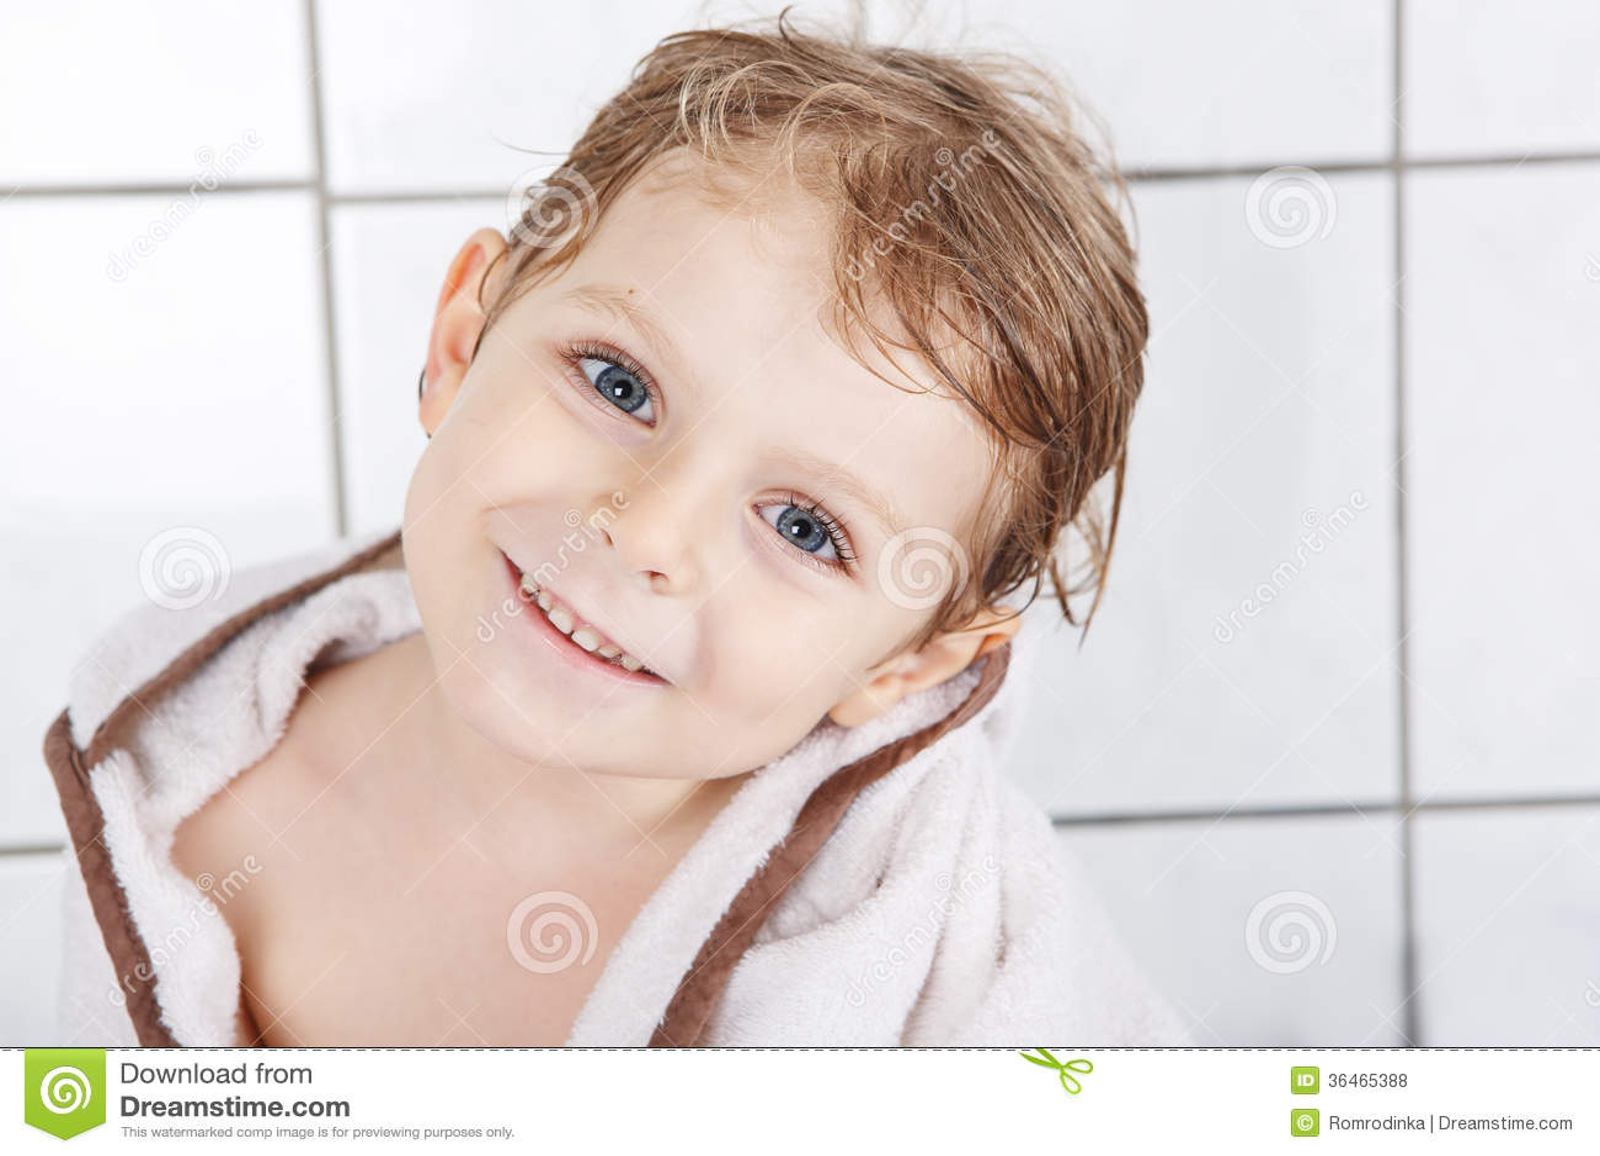 Bagno Con Un Ragazzo : Ritratto di piccolo ragazzo adorabile del bambino di due anni con